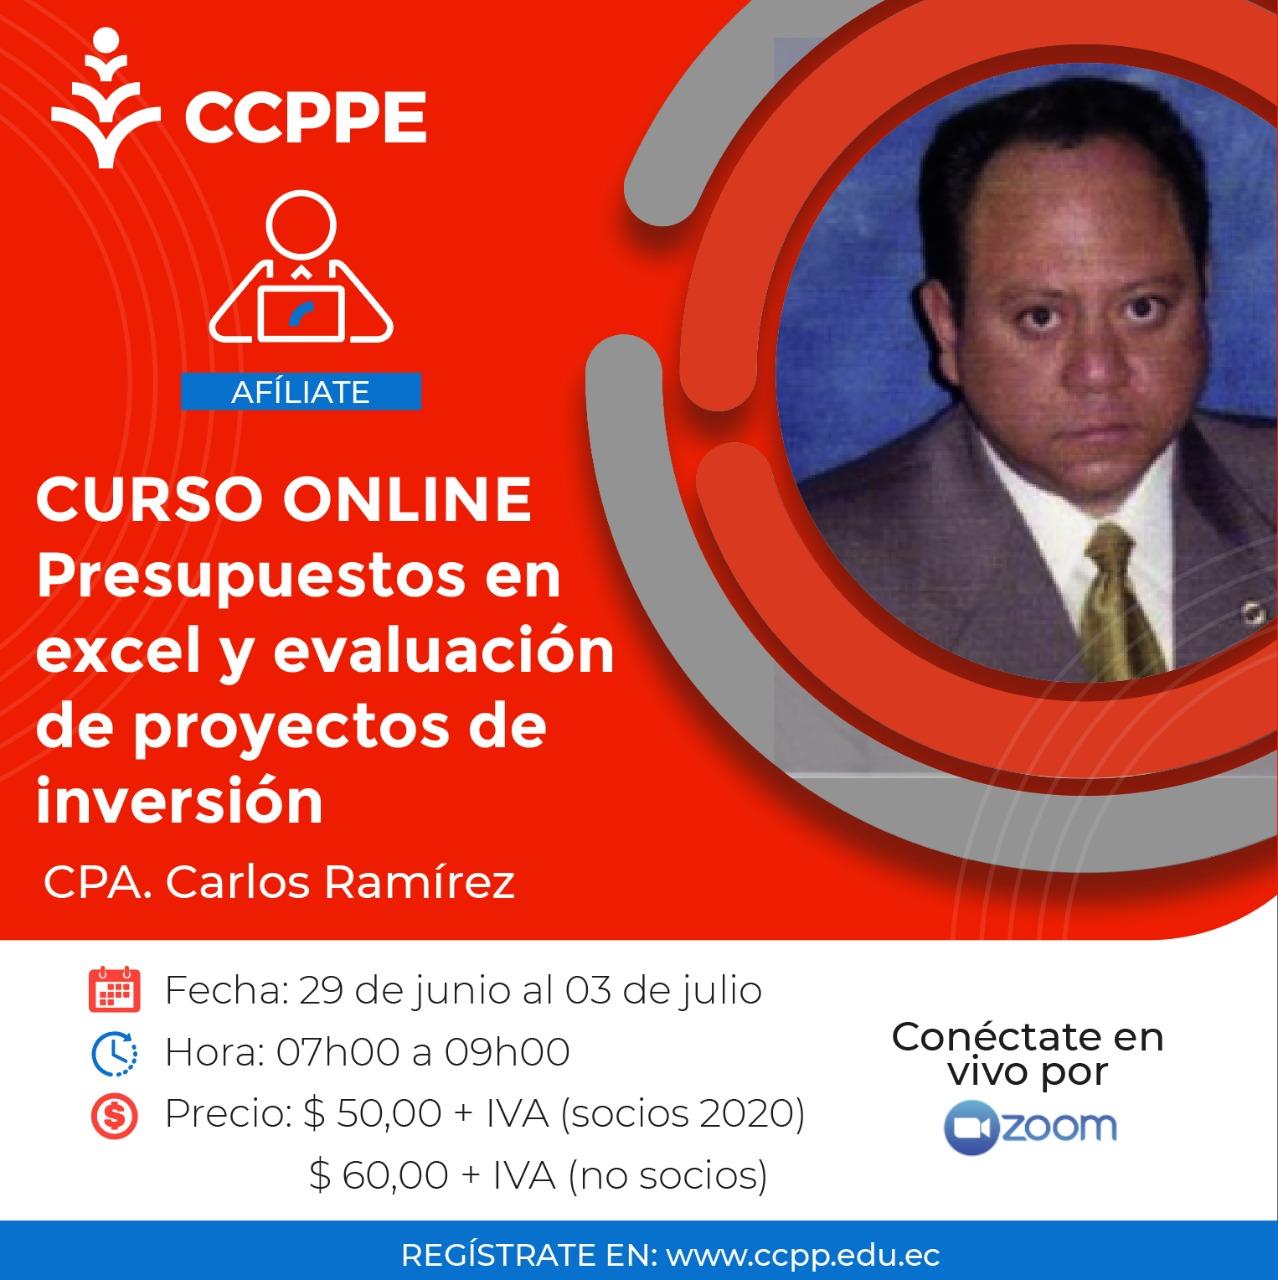 PRESUPUESTOS Y EVALUACIÓN DE PROYECTOS - 29 JUNIO al 03 JULIO 2020